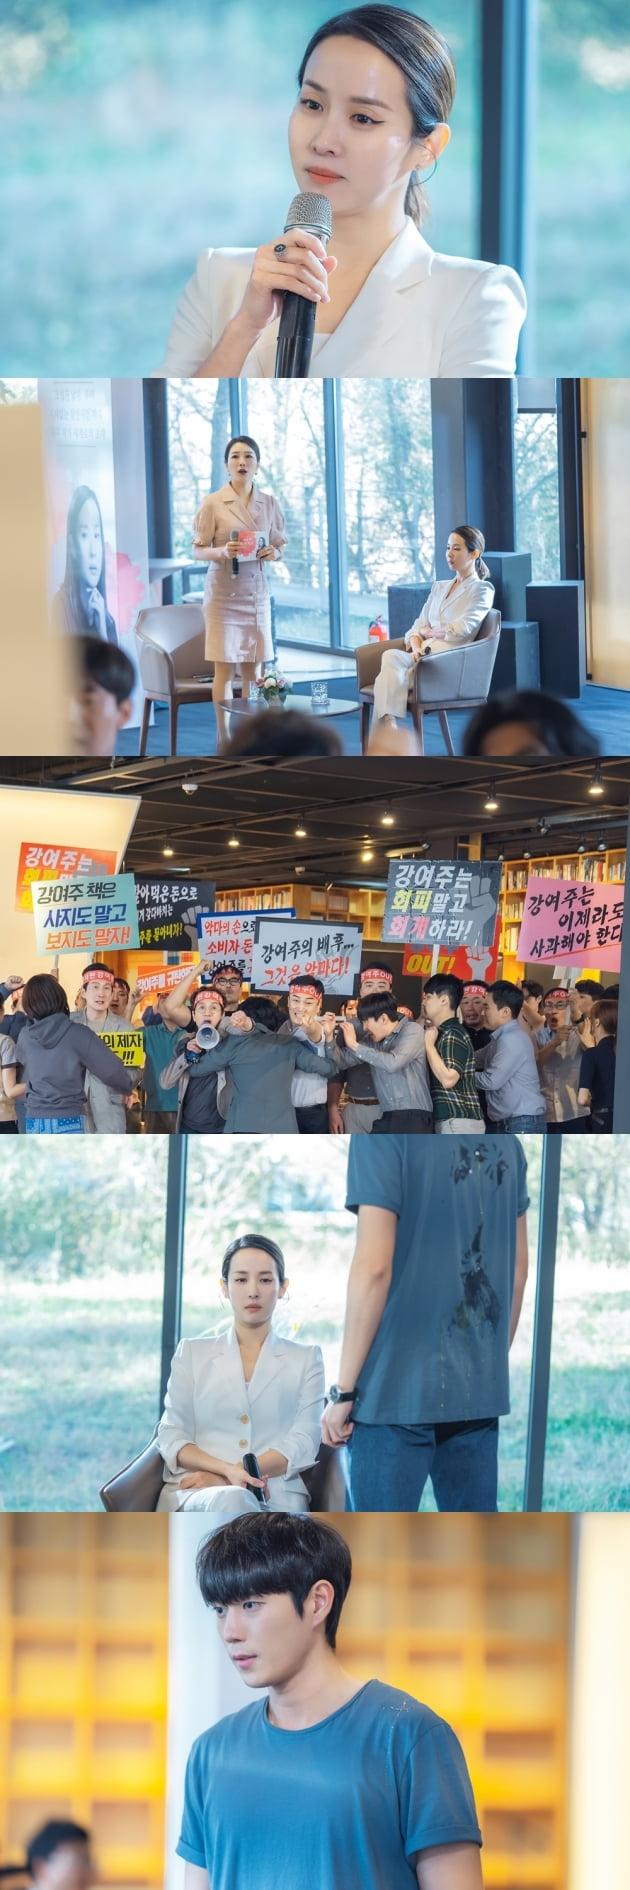 '바람피면 죽는다' 스틸컷/ 사진=KBS2 제공